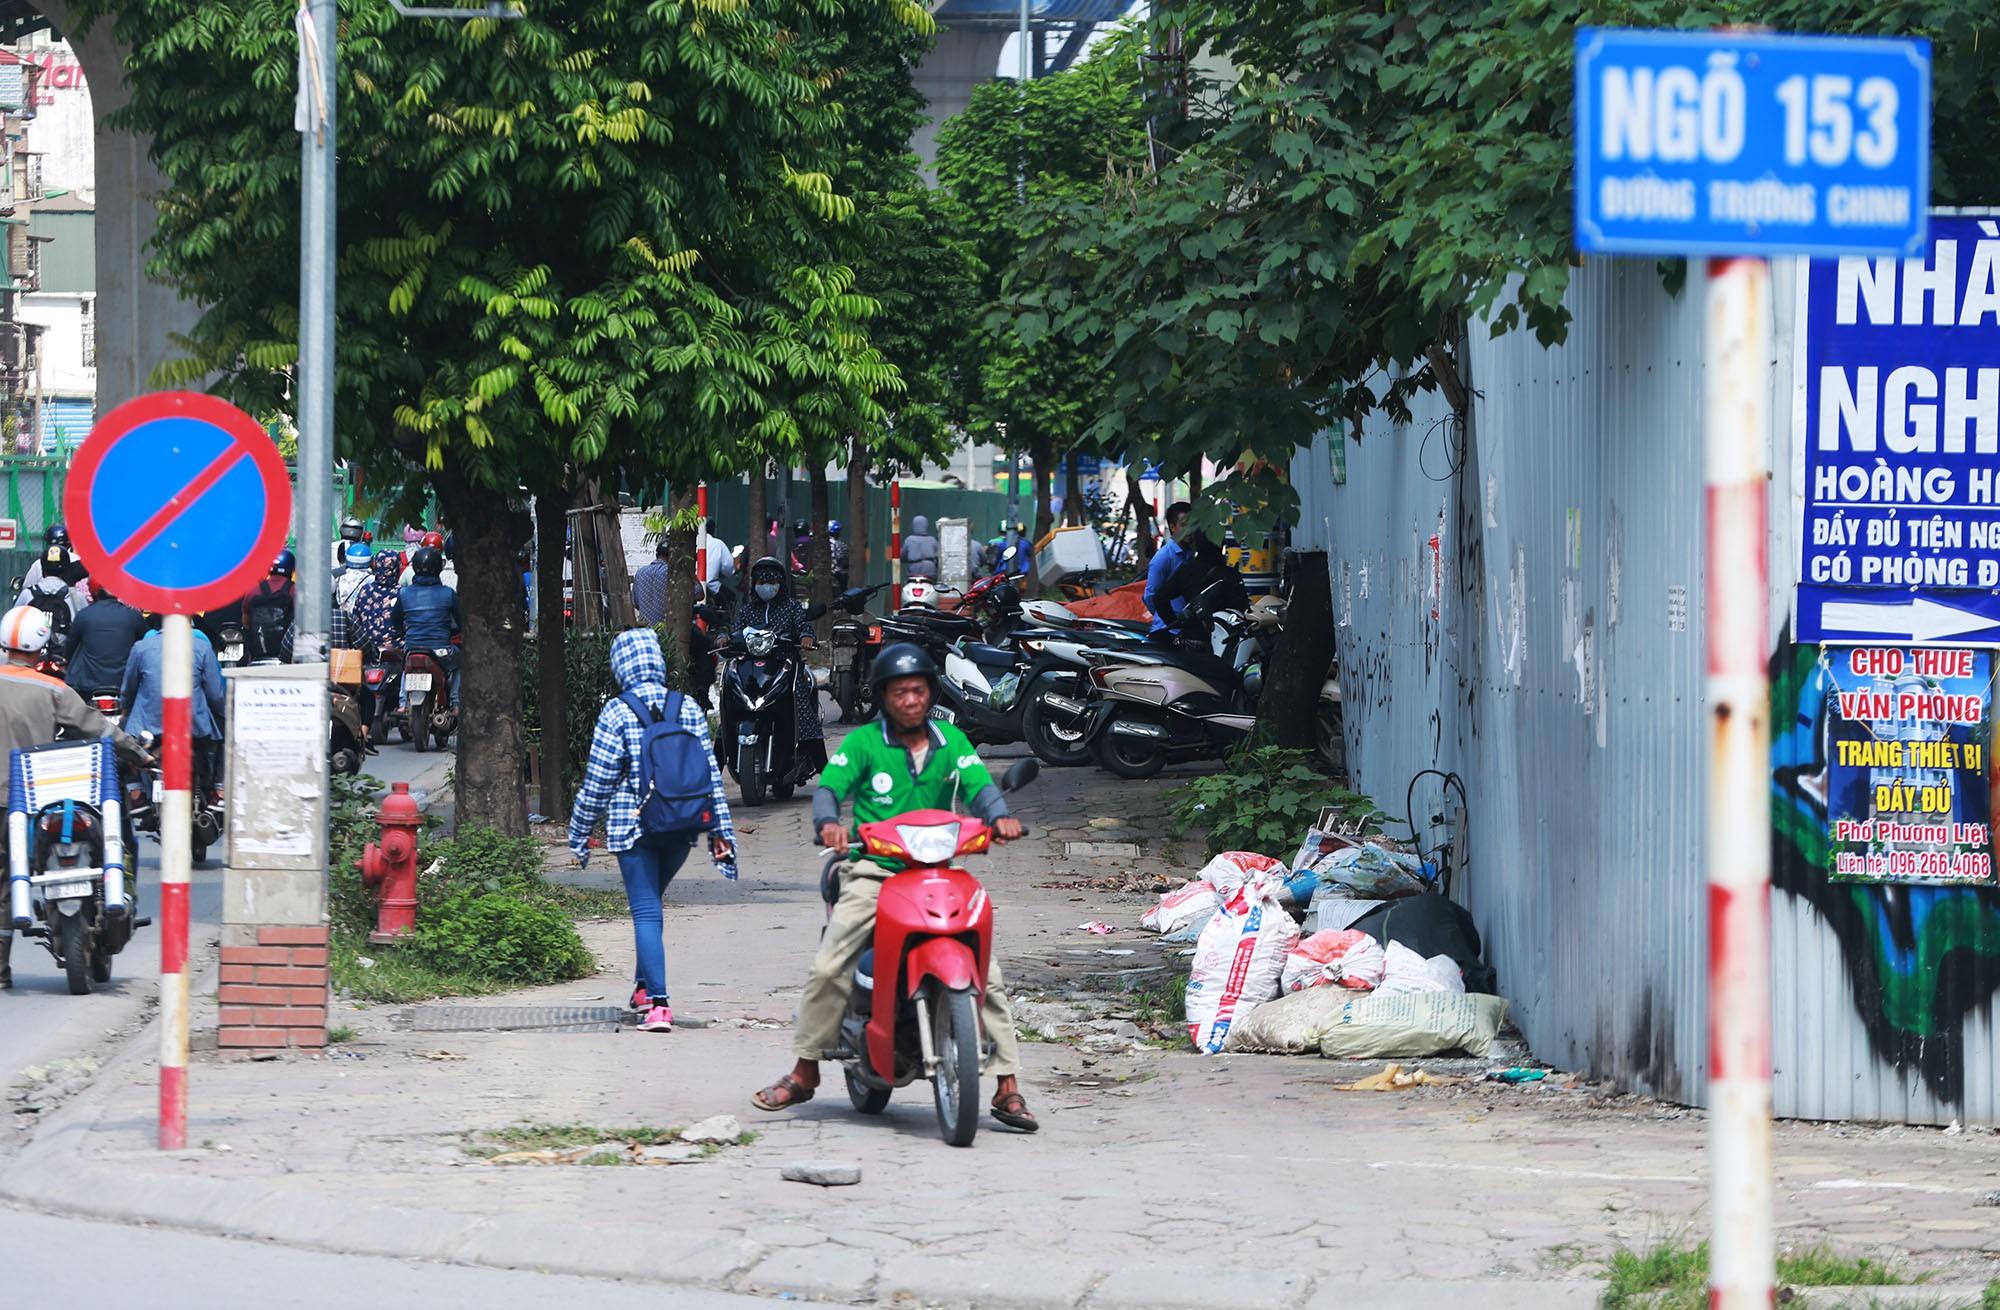 Hà Nội: Rác thải vứt bừa bãi dưới chân công trường đường vành đai 2 - Ảnh 4.